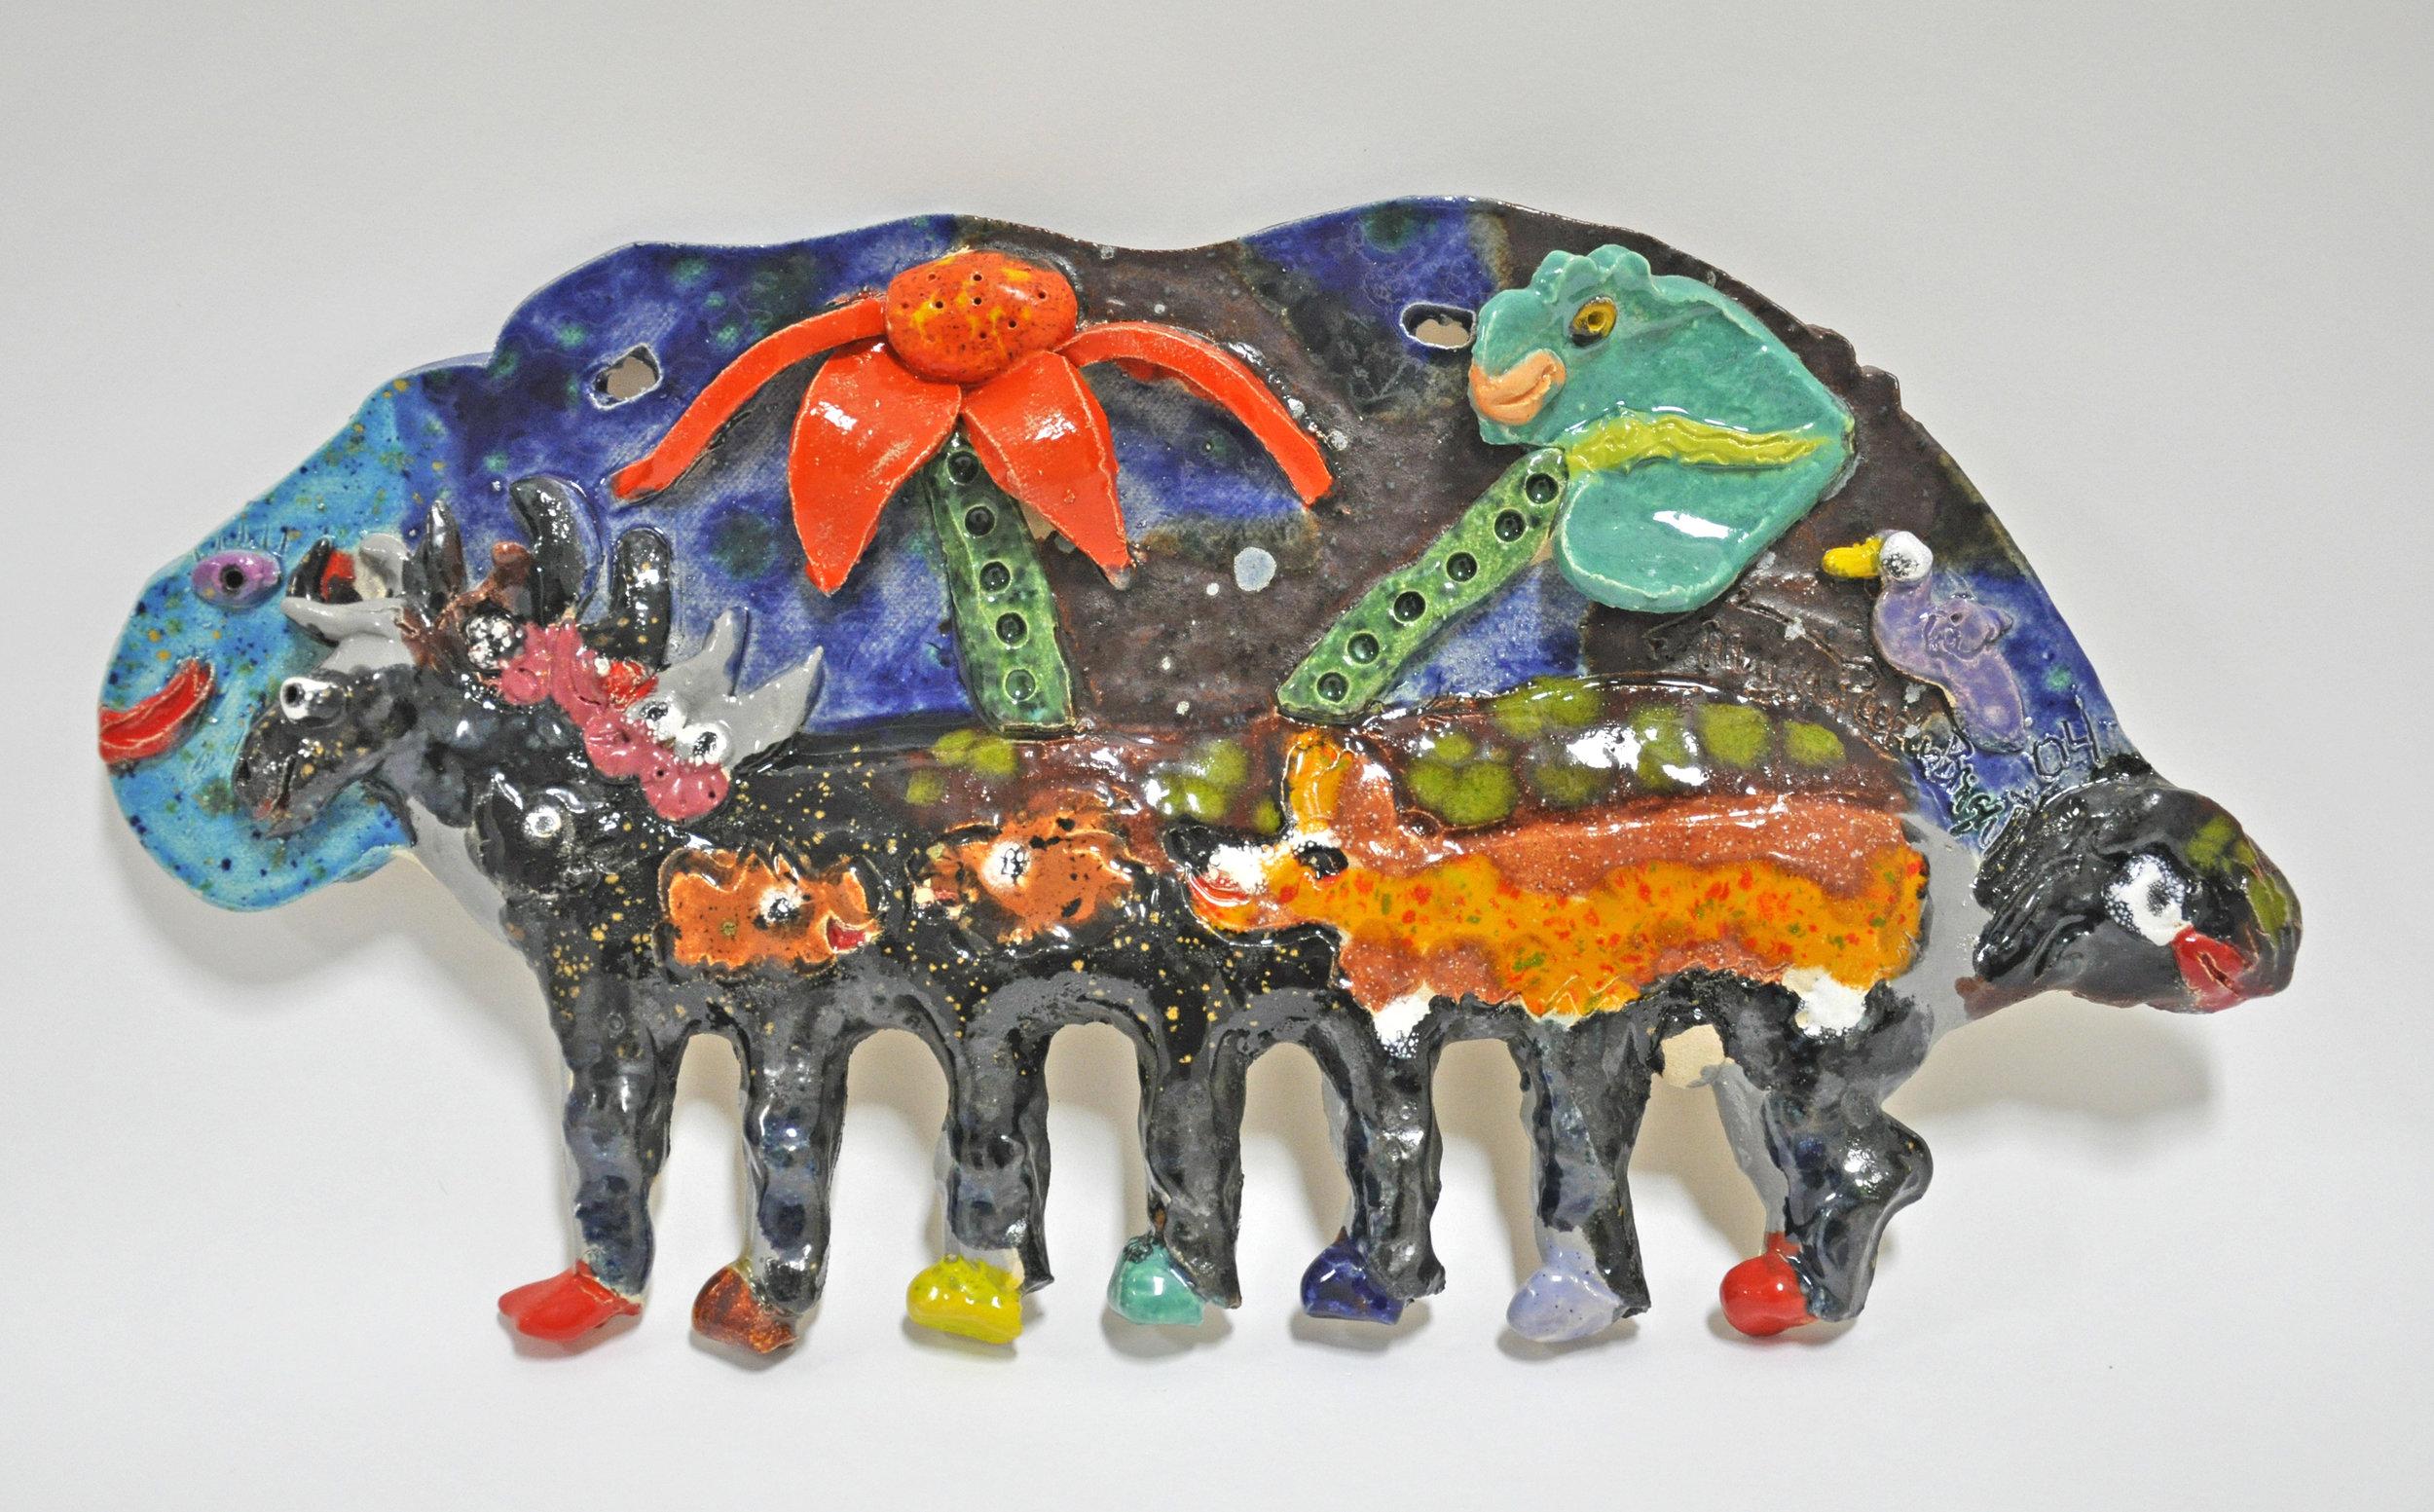 """Maija Peeples-Bright, """"Corgie"""", glazed ceramic, 11.5 x 3 x 9 in, 2005"""